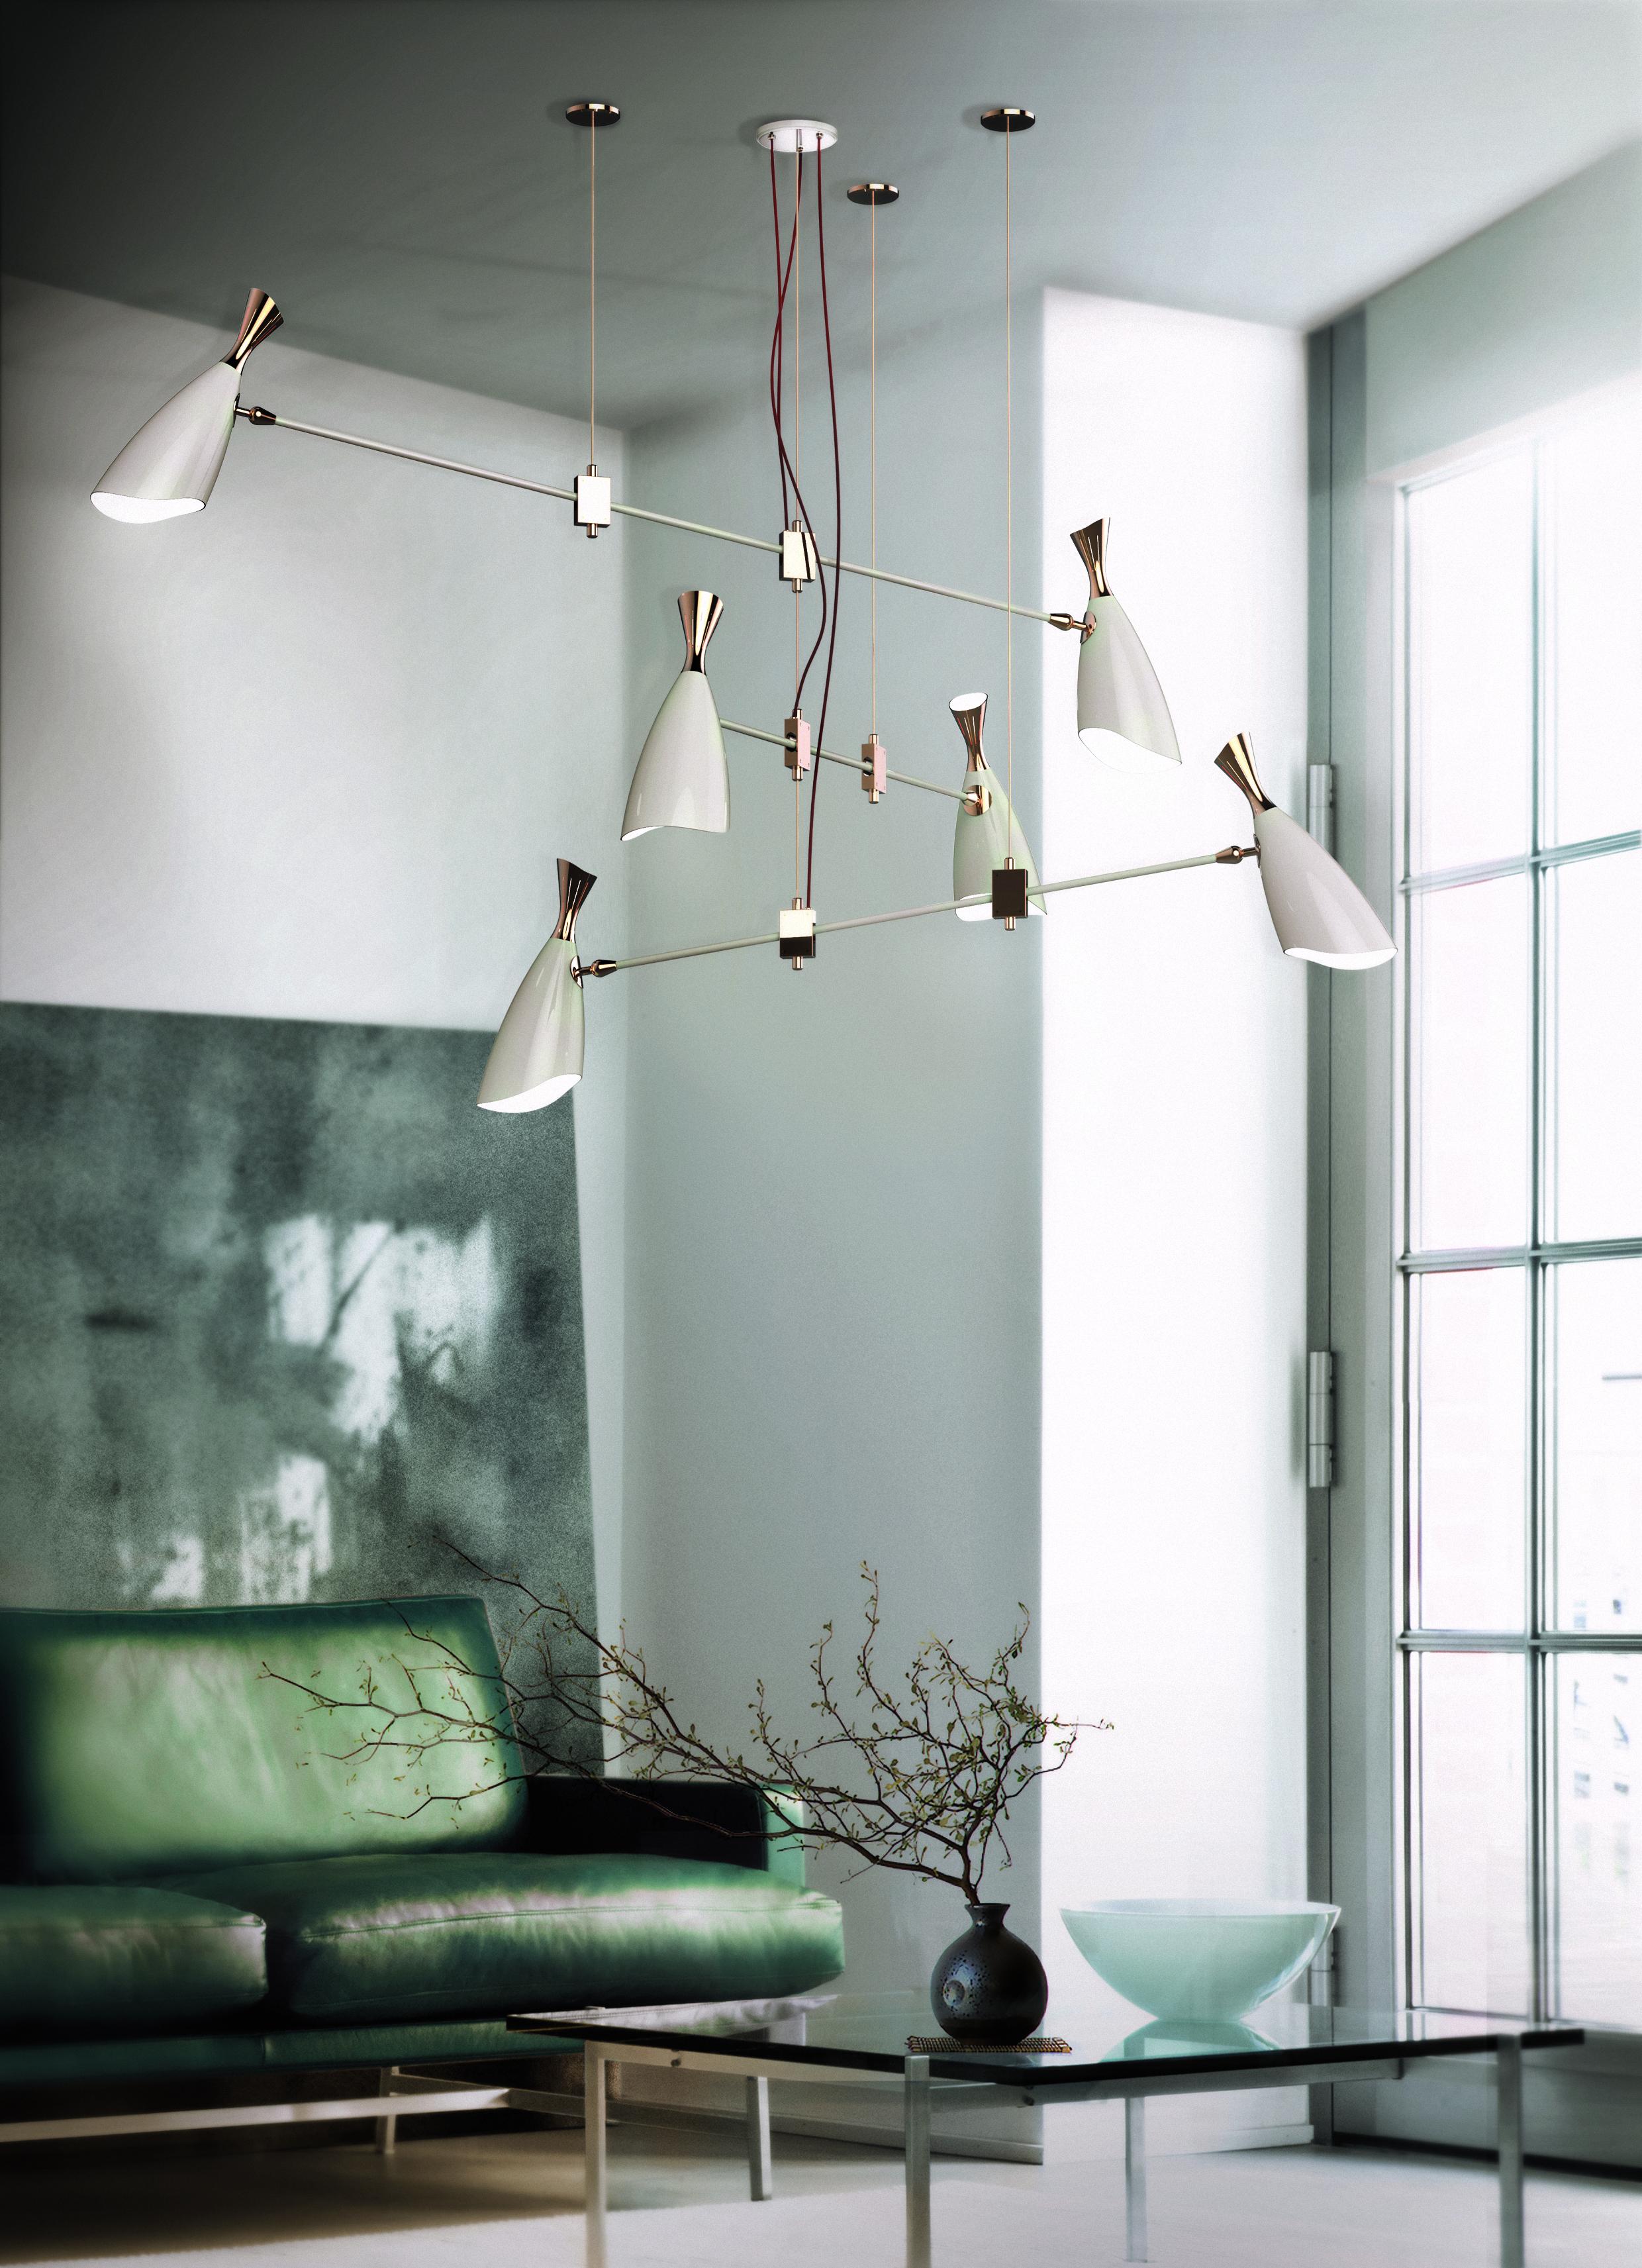 Top 5 Chandelier Lighting Designs of 2016 chandelier lighting Top 5 Chandelier Lighting Designs of 2016 Top 5 Chandelier Lighting Pieces of 2016